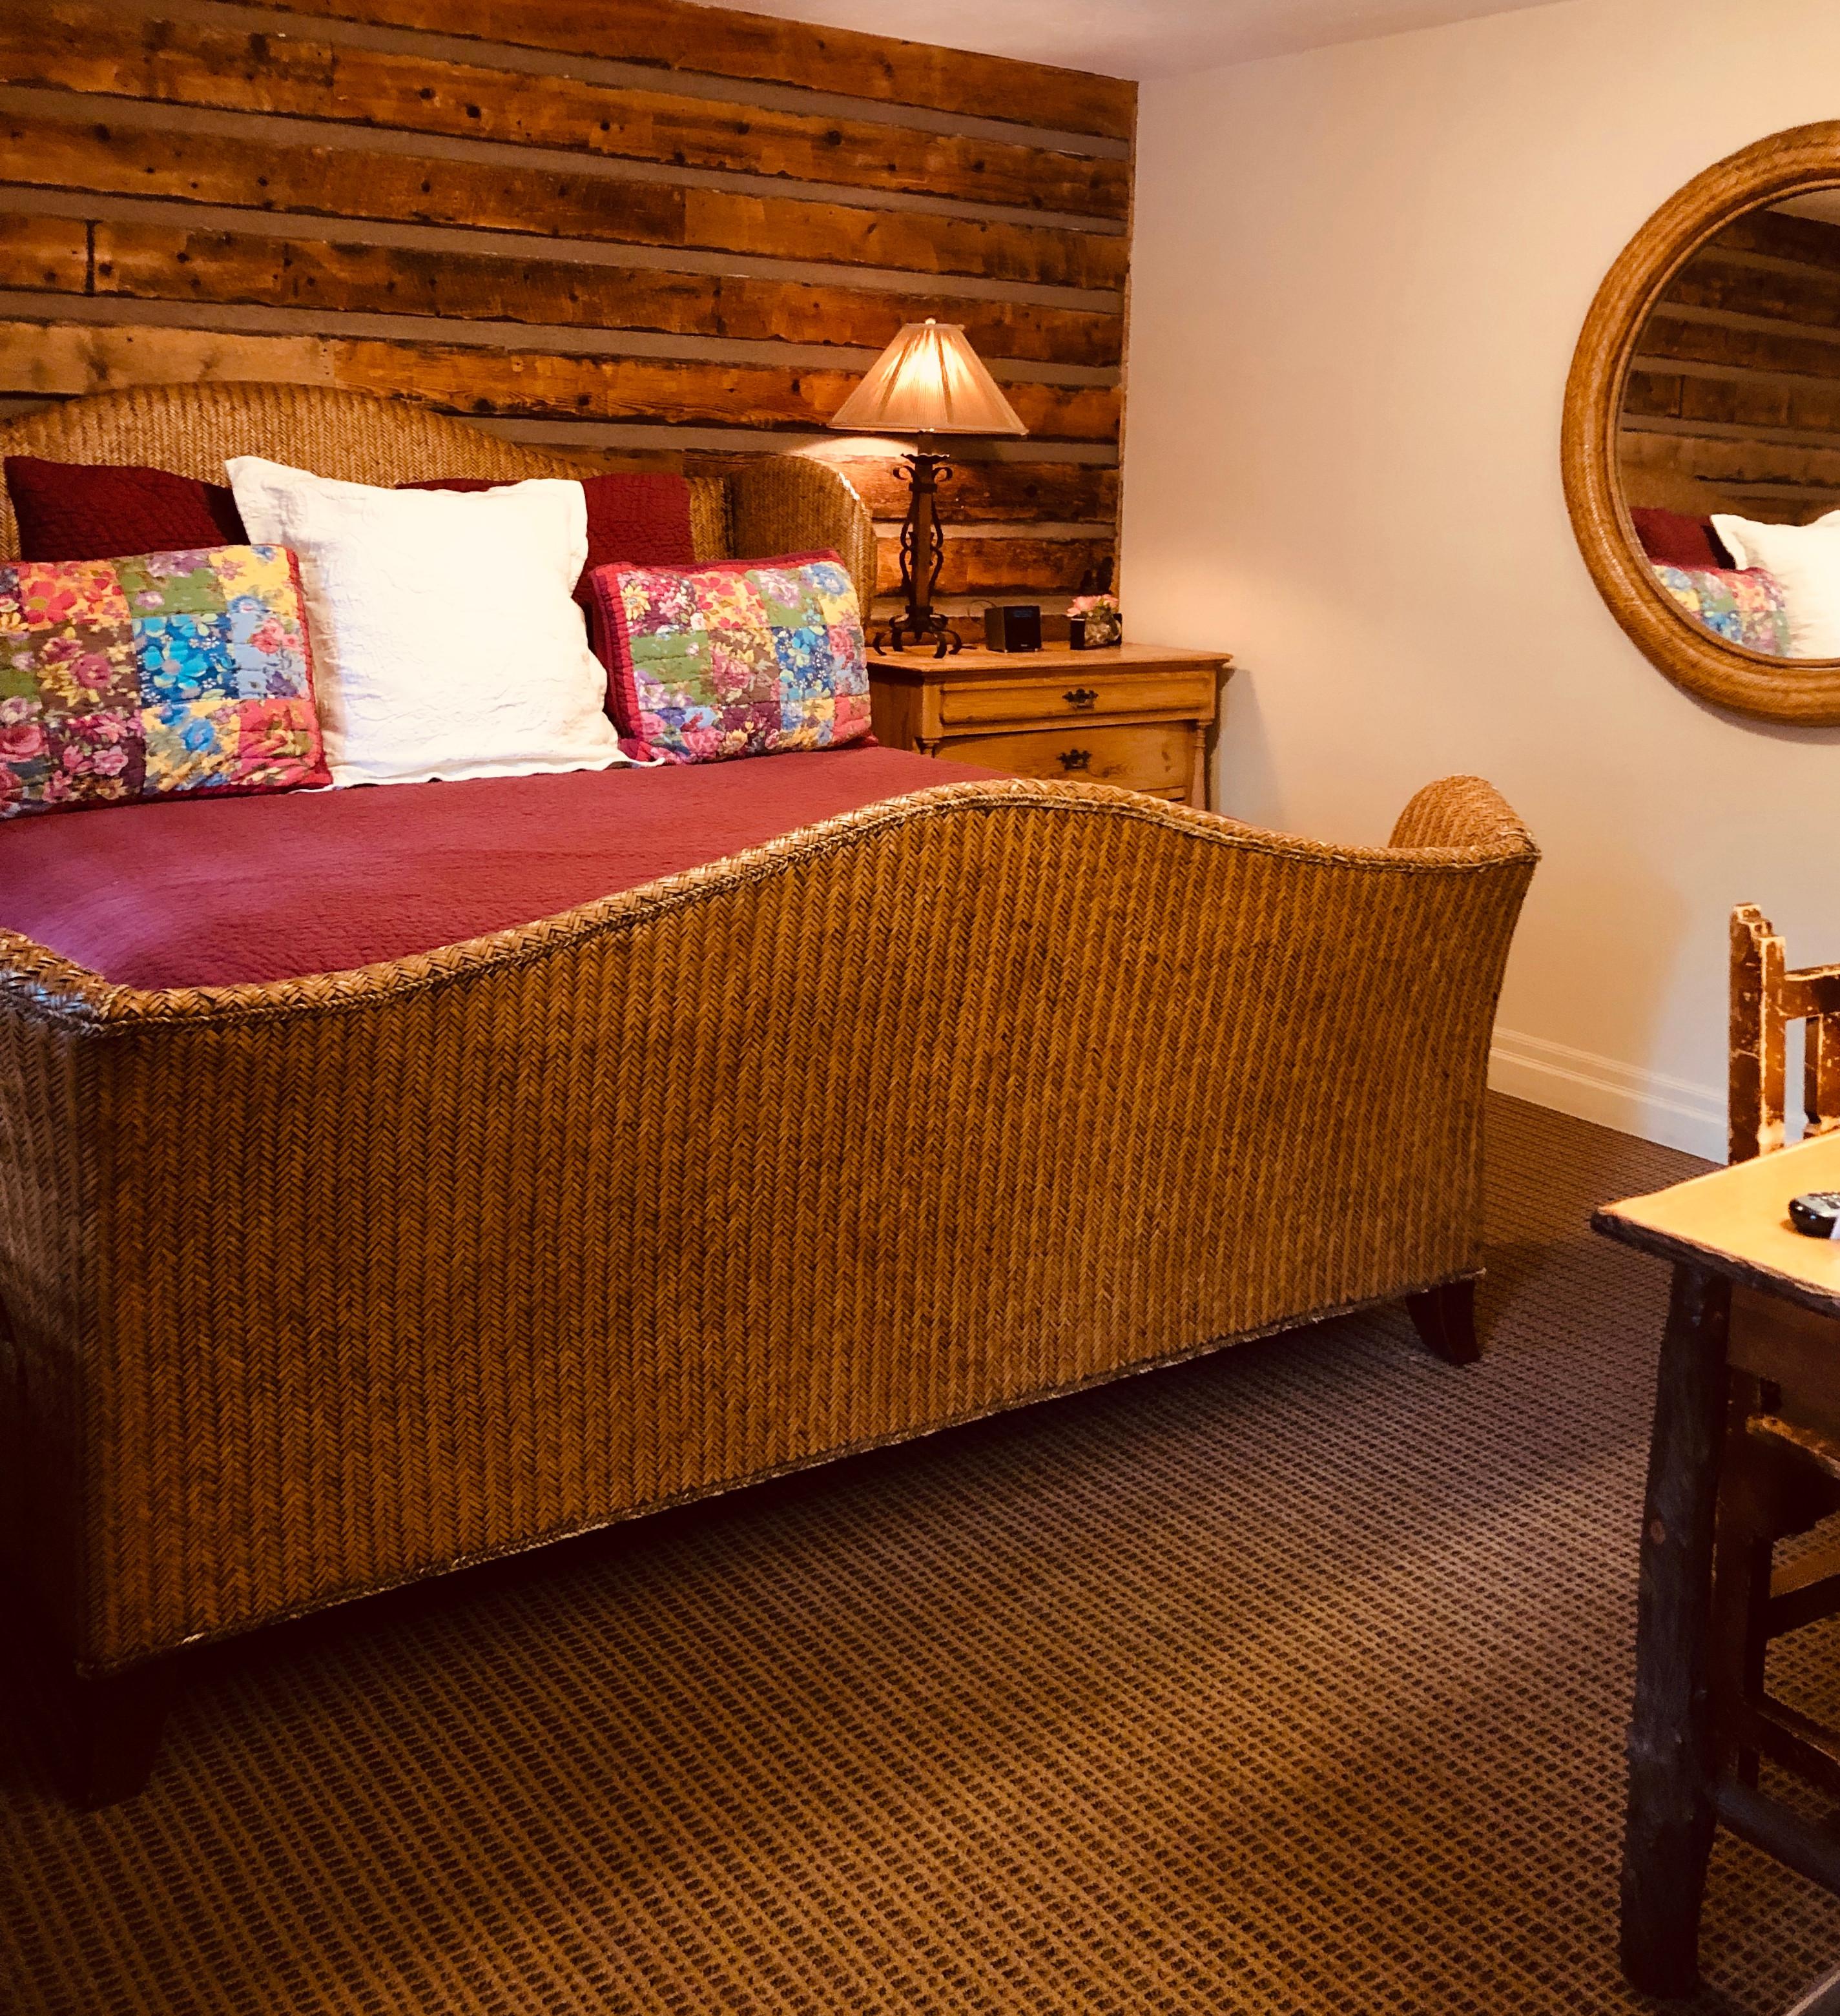 Deluxe Room: Full or Queen Bed